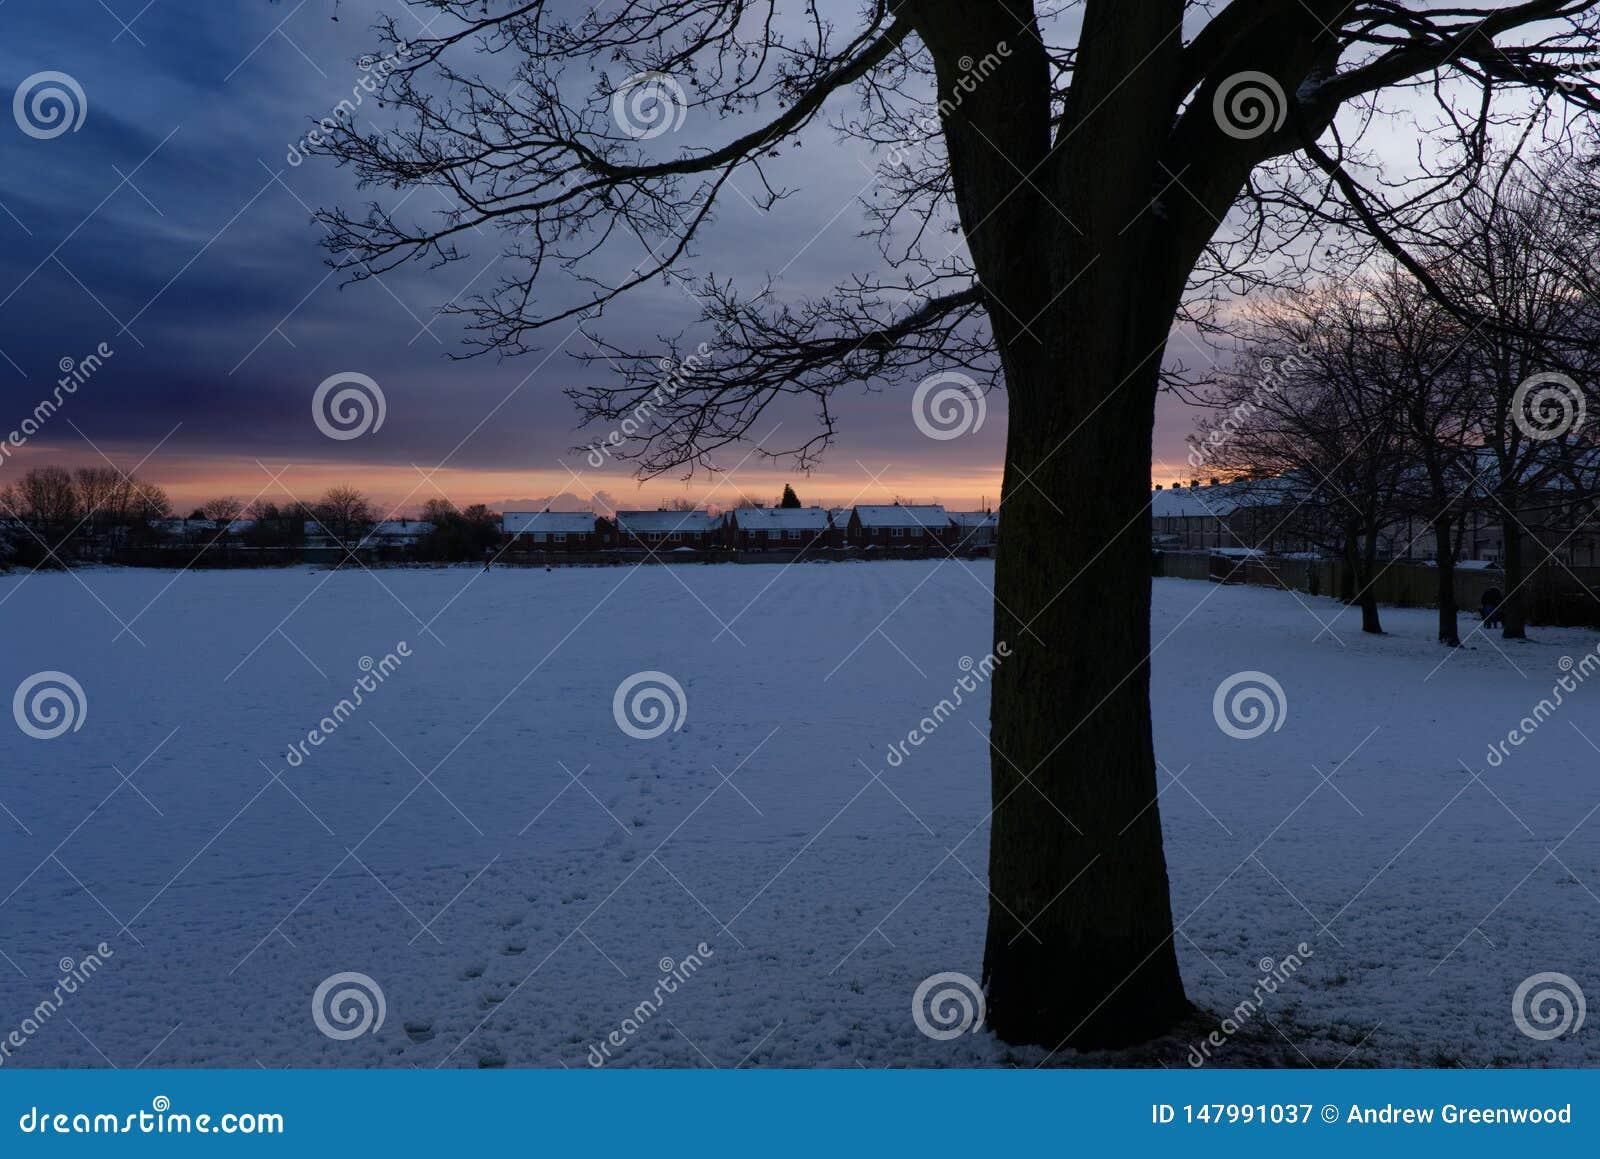 Voetafdrukken door een de winterboom